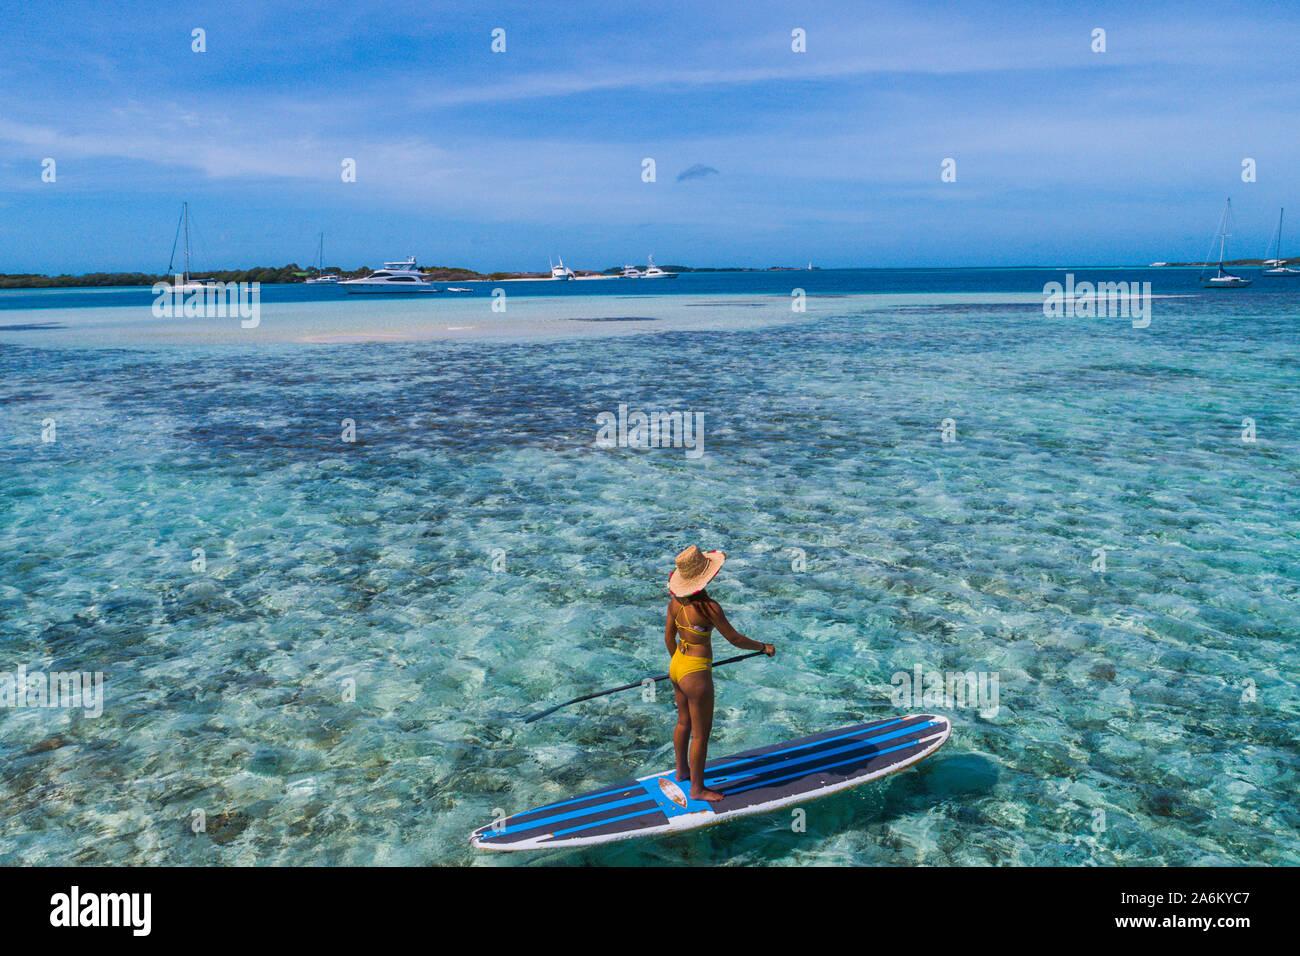 Drone aérien bird's eye view photo de jeune femme pratiquant ou sup paddle board in tropical Caribbean sapphire crystal clear eaux calmes Banque D'Images